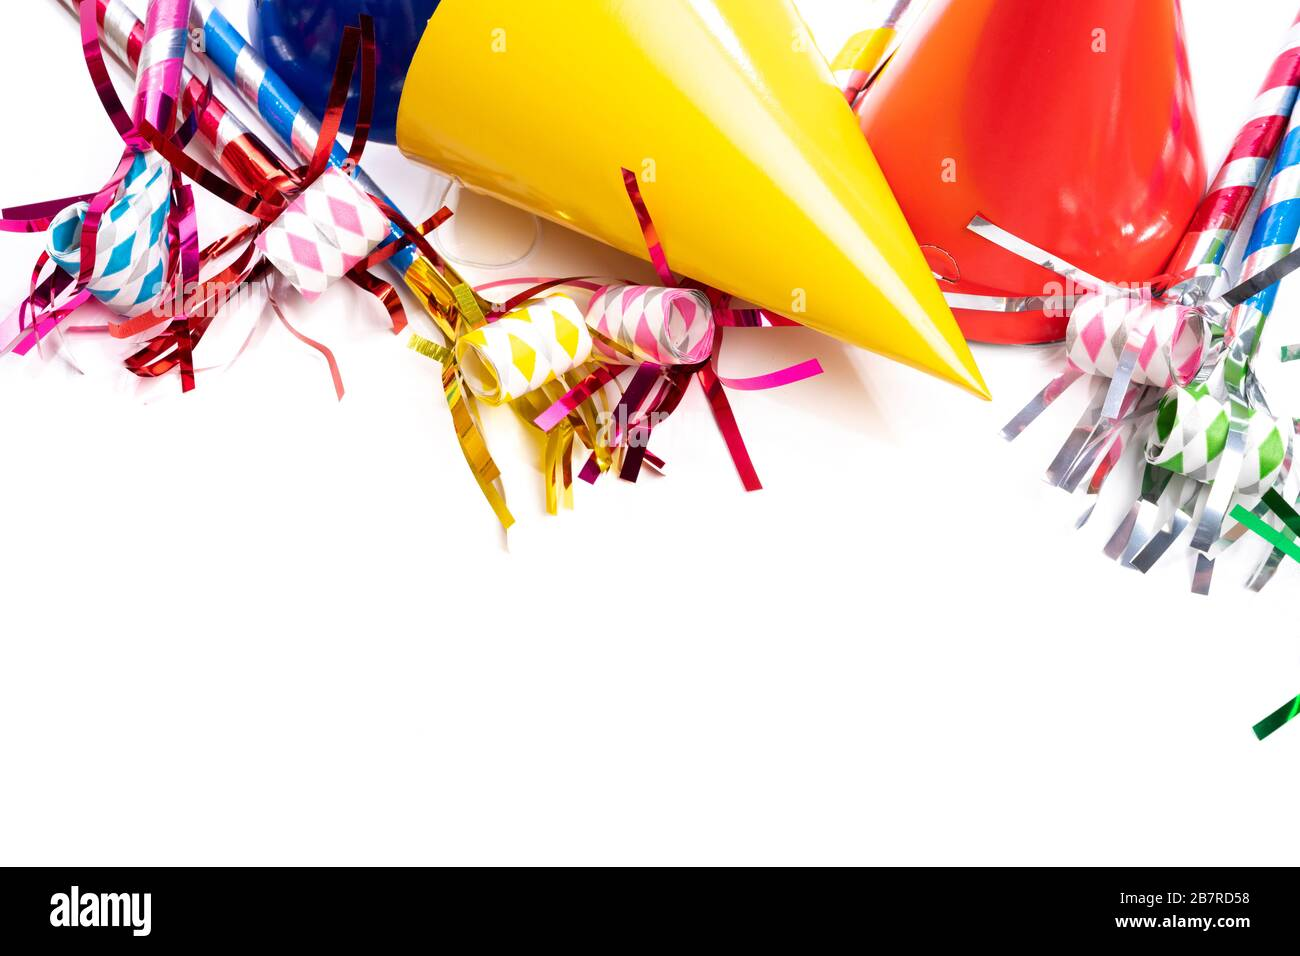 Un groupe de chapeaux d'anniversaire colorés et de fabricants de nez sur un fond blanc Banque D'Images